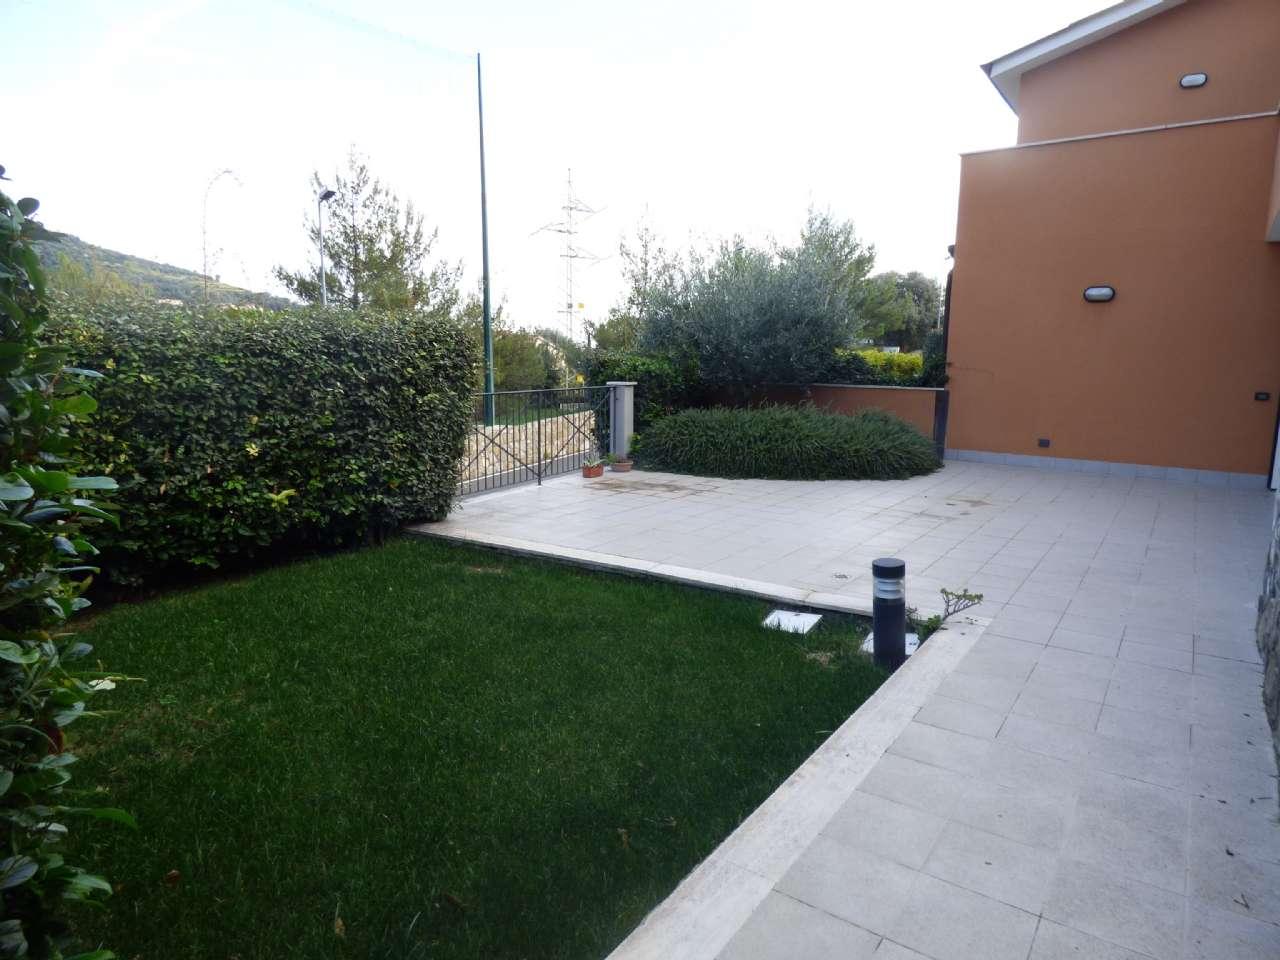 Appartamento in vendita a Castellaro, 2 locali, zona Località: CastellaroGolf, prezzo € 115.000 | CambioCasa.it